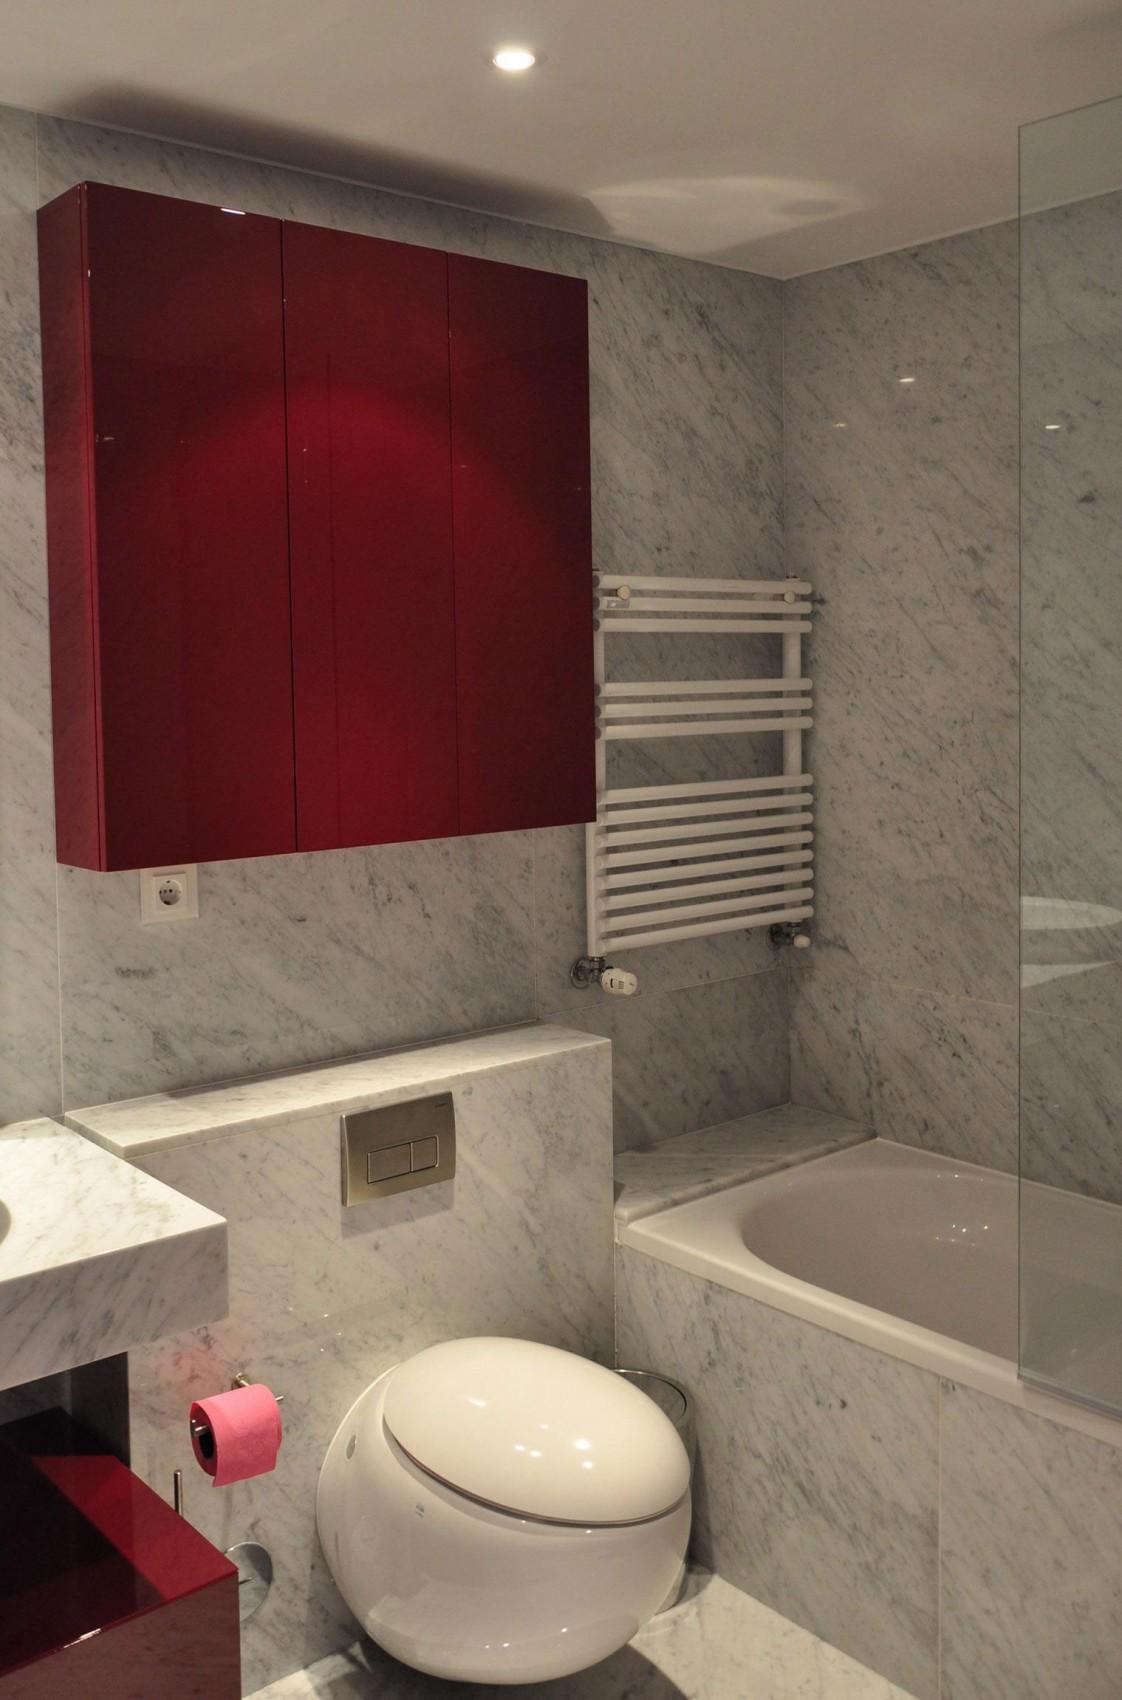 Красный квадратный шкаф как декор ванной